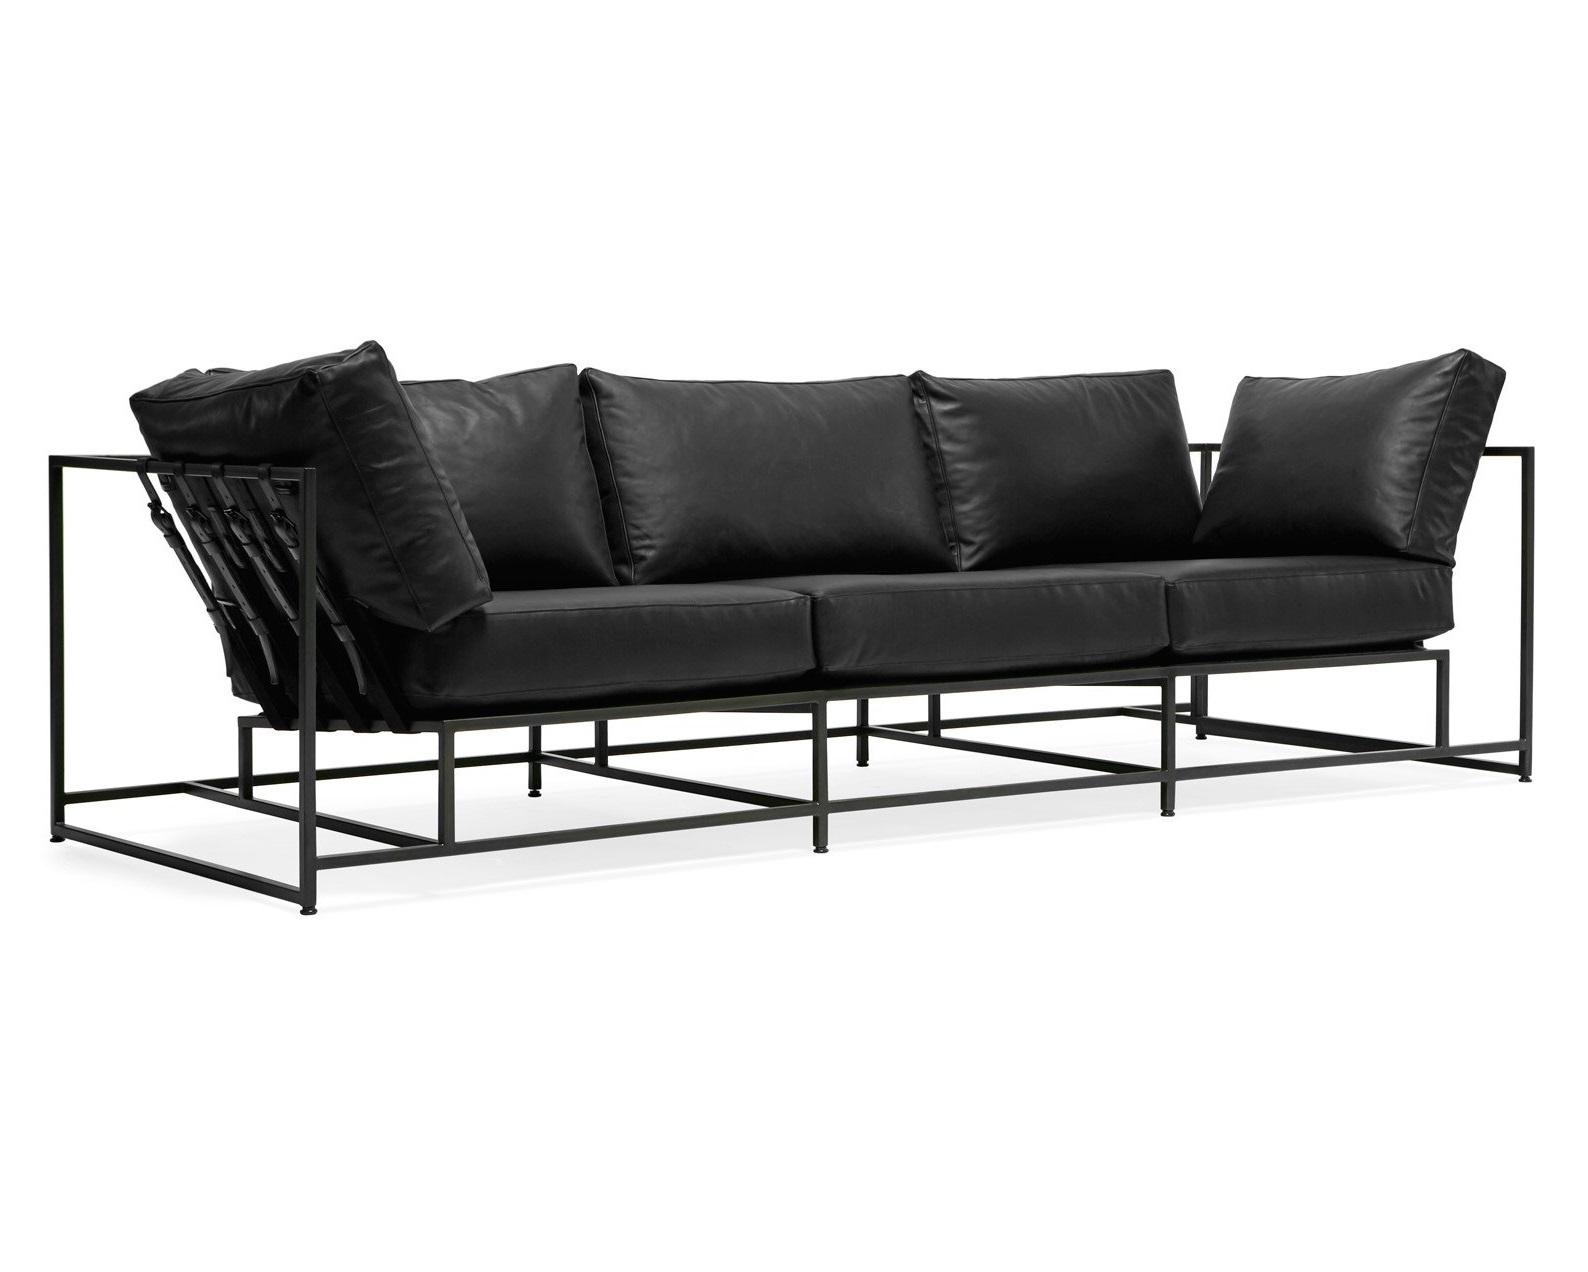 The_sofa трехместный диван лорд черный 134333/3